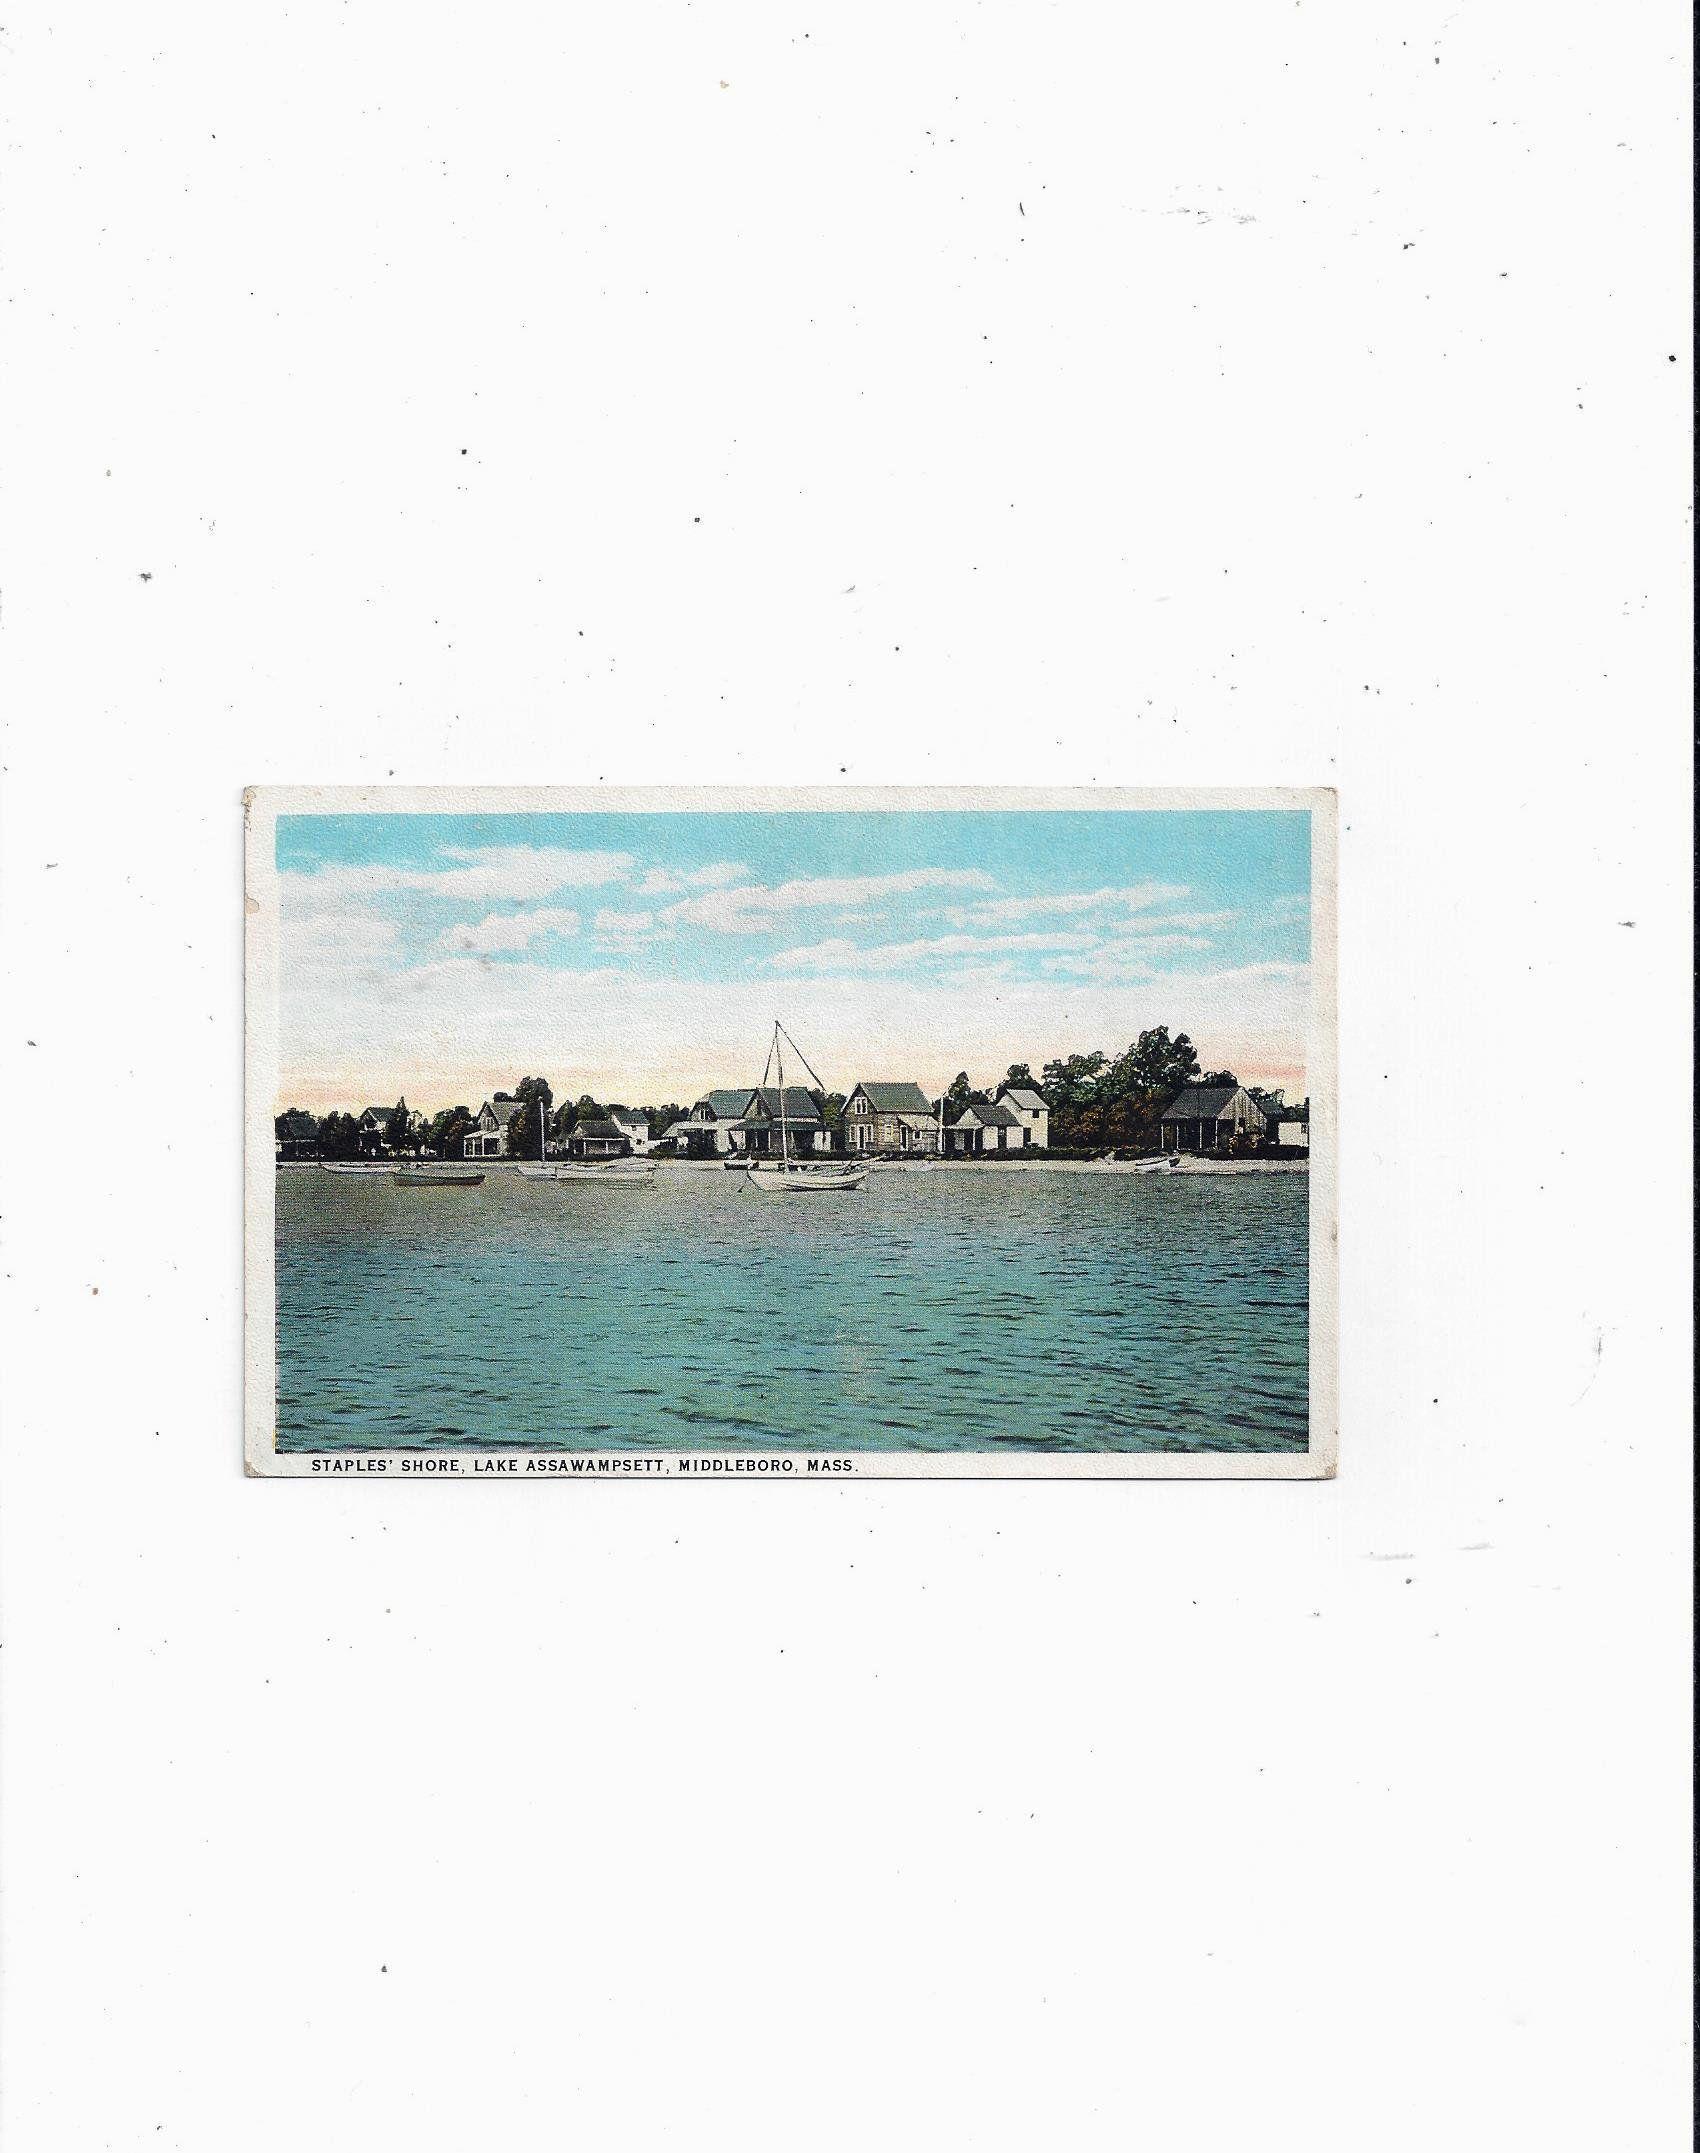 Middleboro Christmas Fair 2020 1930s Postcard of Staples' Shore Lake Assawampsett | Etsy in 2020